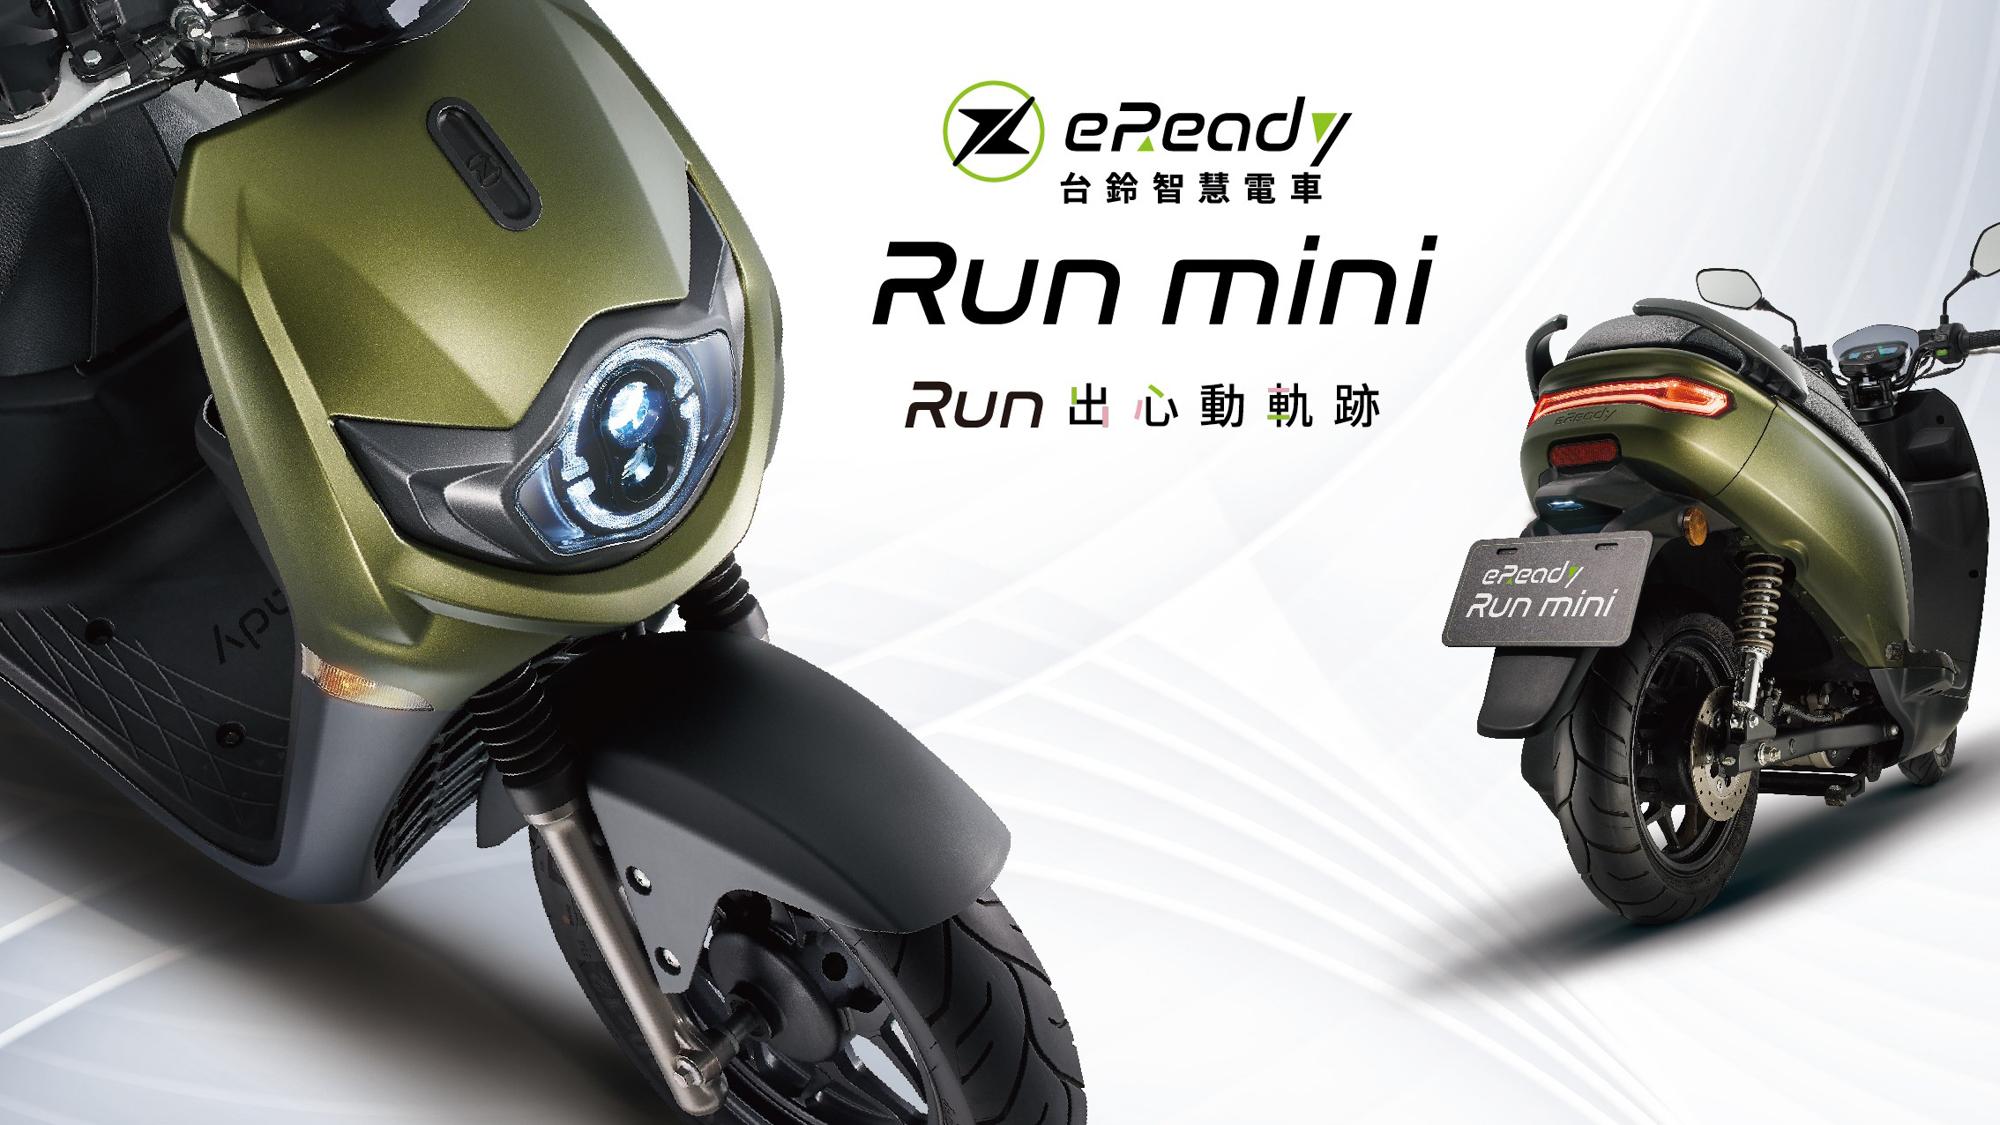 台鈴智慧電車 eReady Run mini 新車上市 建議售價 79,800 元